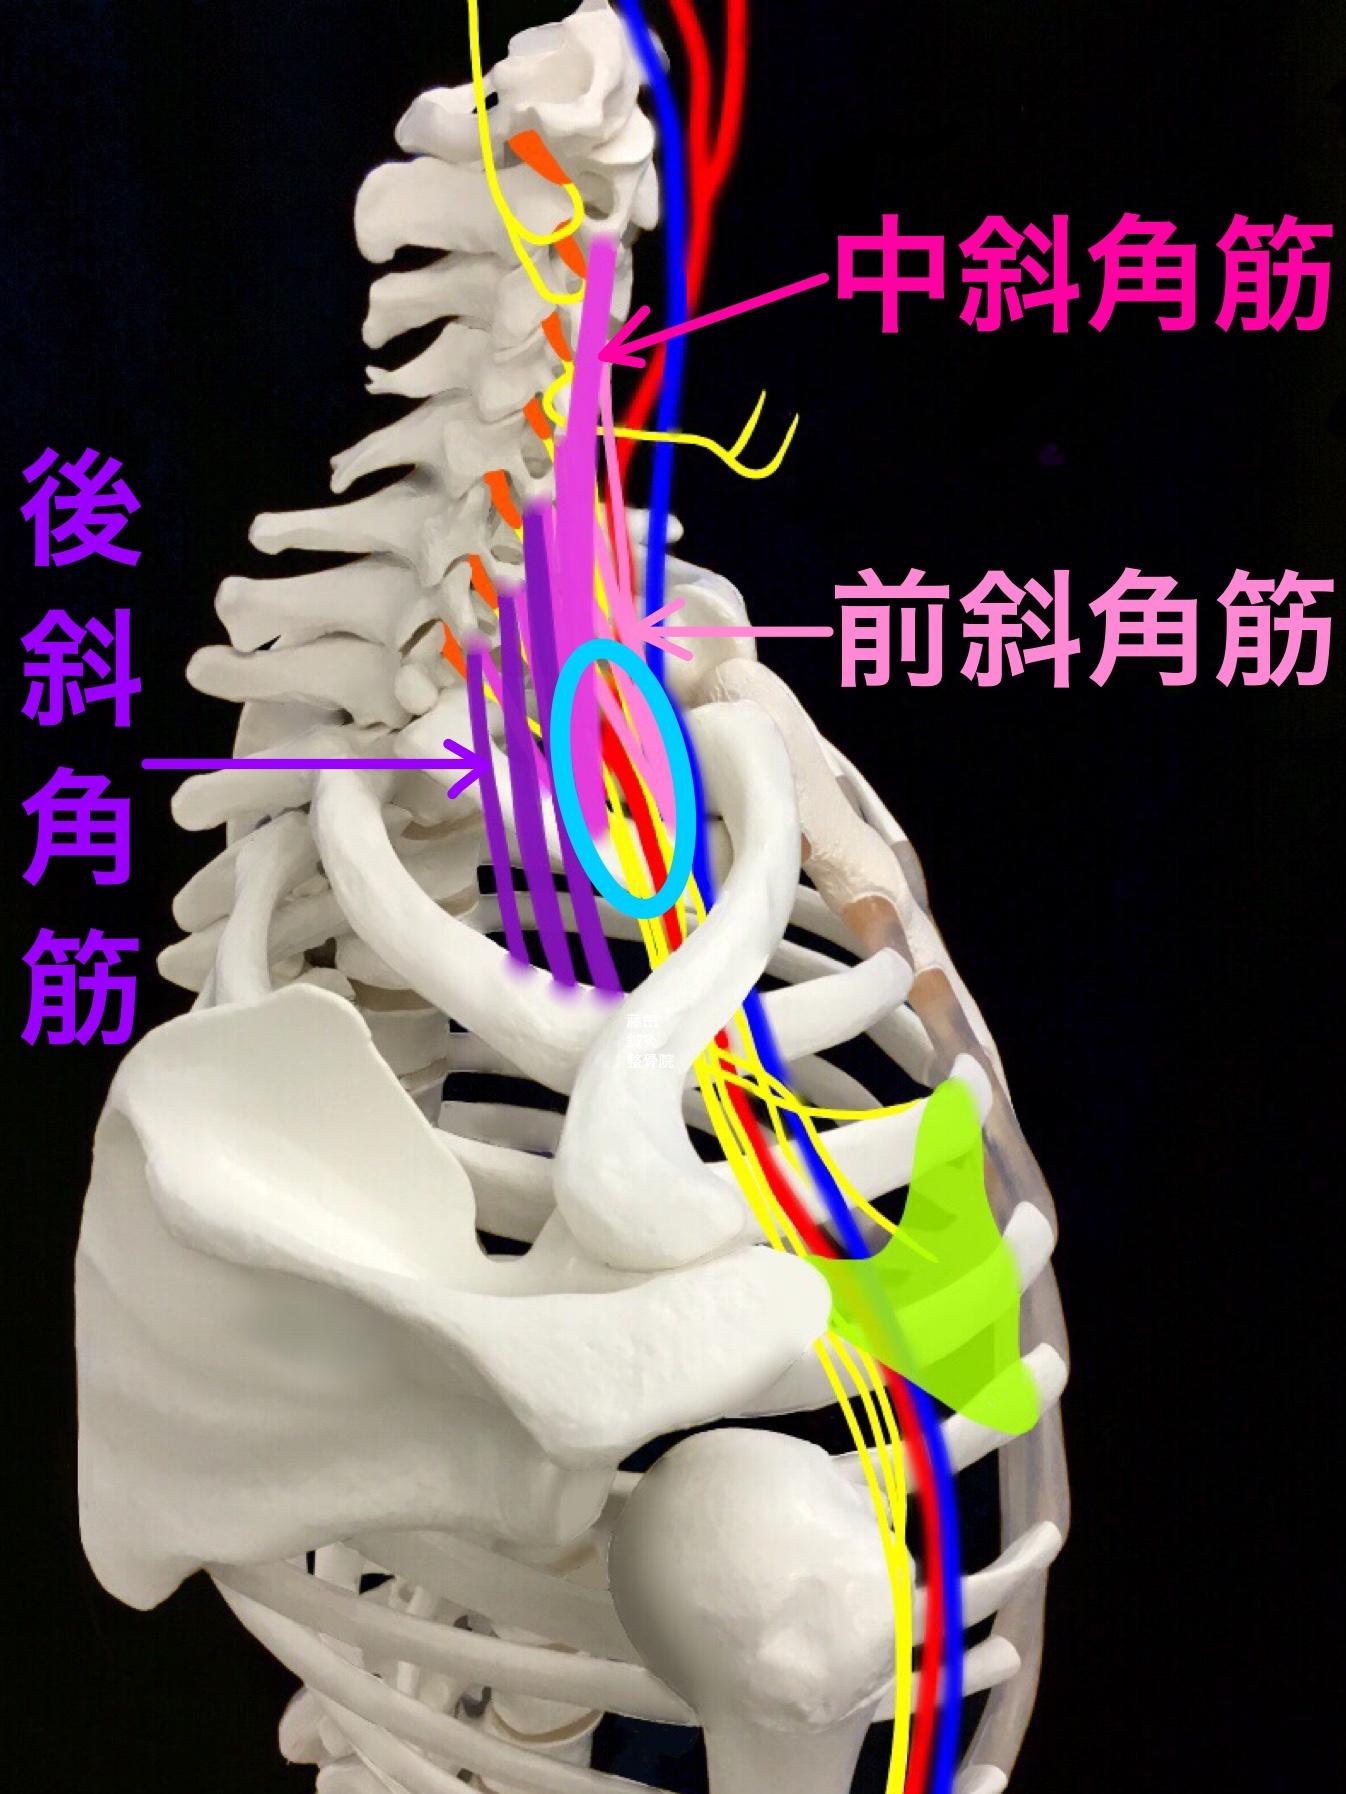 胸郭 出口 症候群 筋 トレ